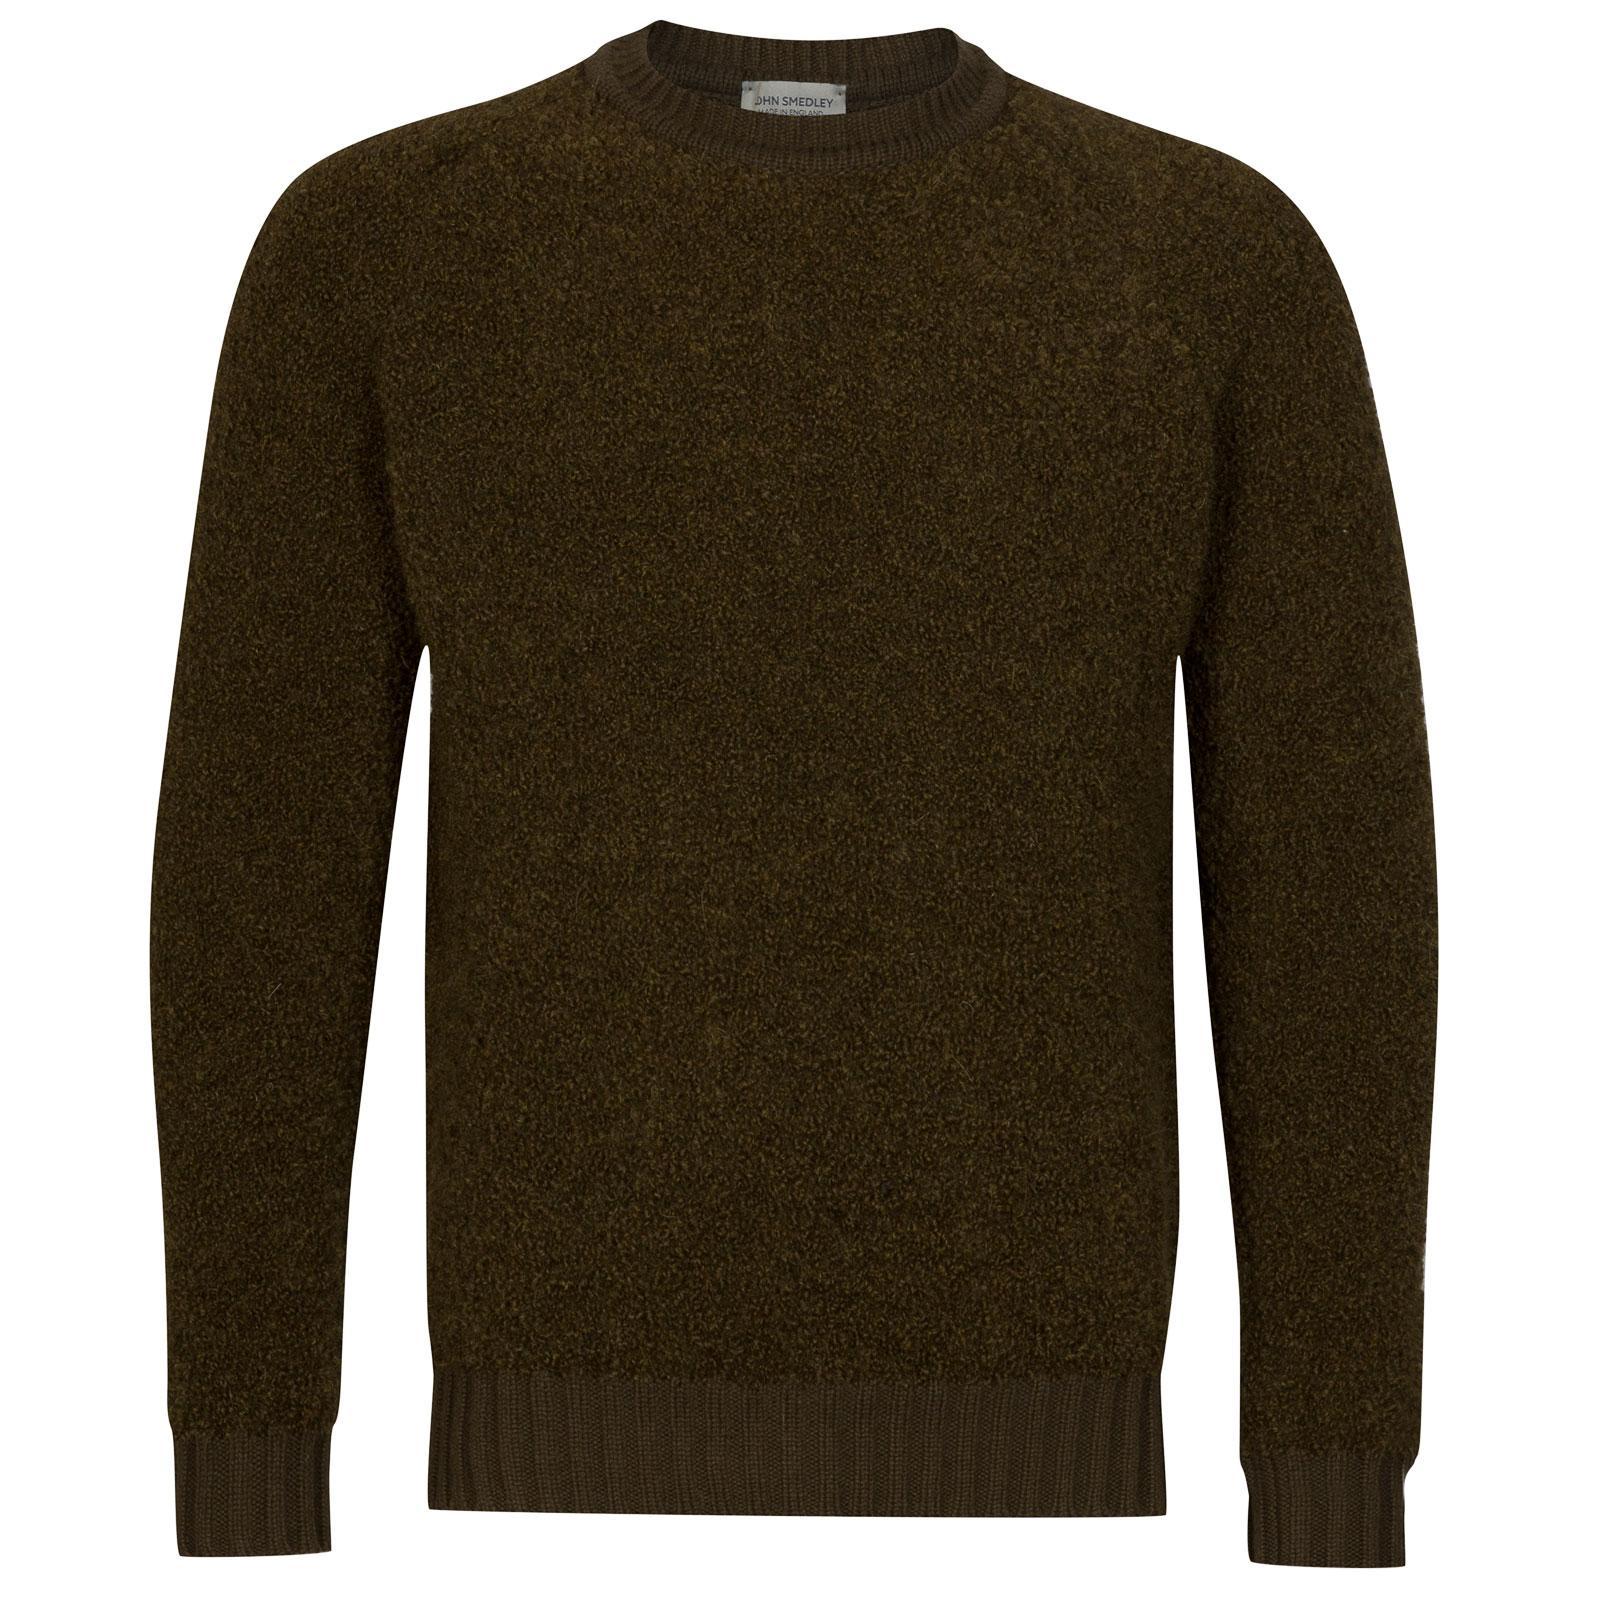 John Smedley Moss Alpaca & Wool Pullover in Kielder Green-S